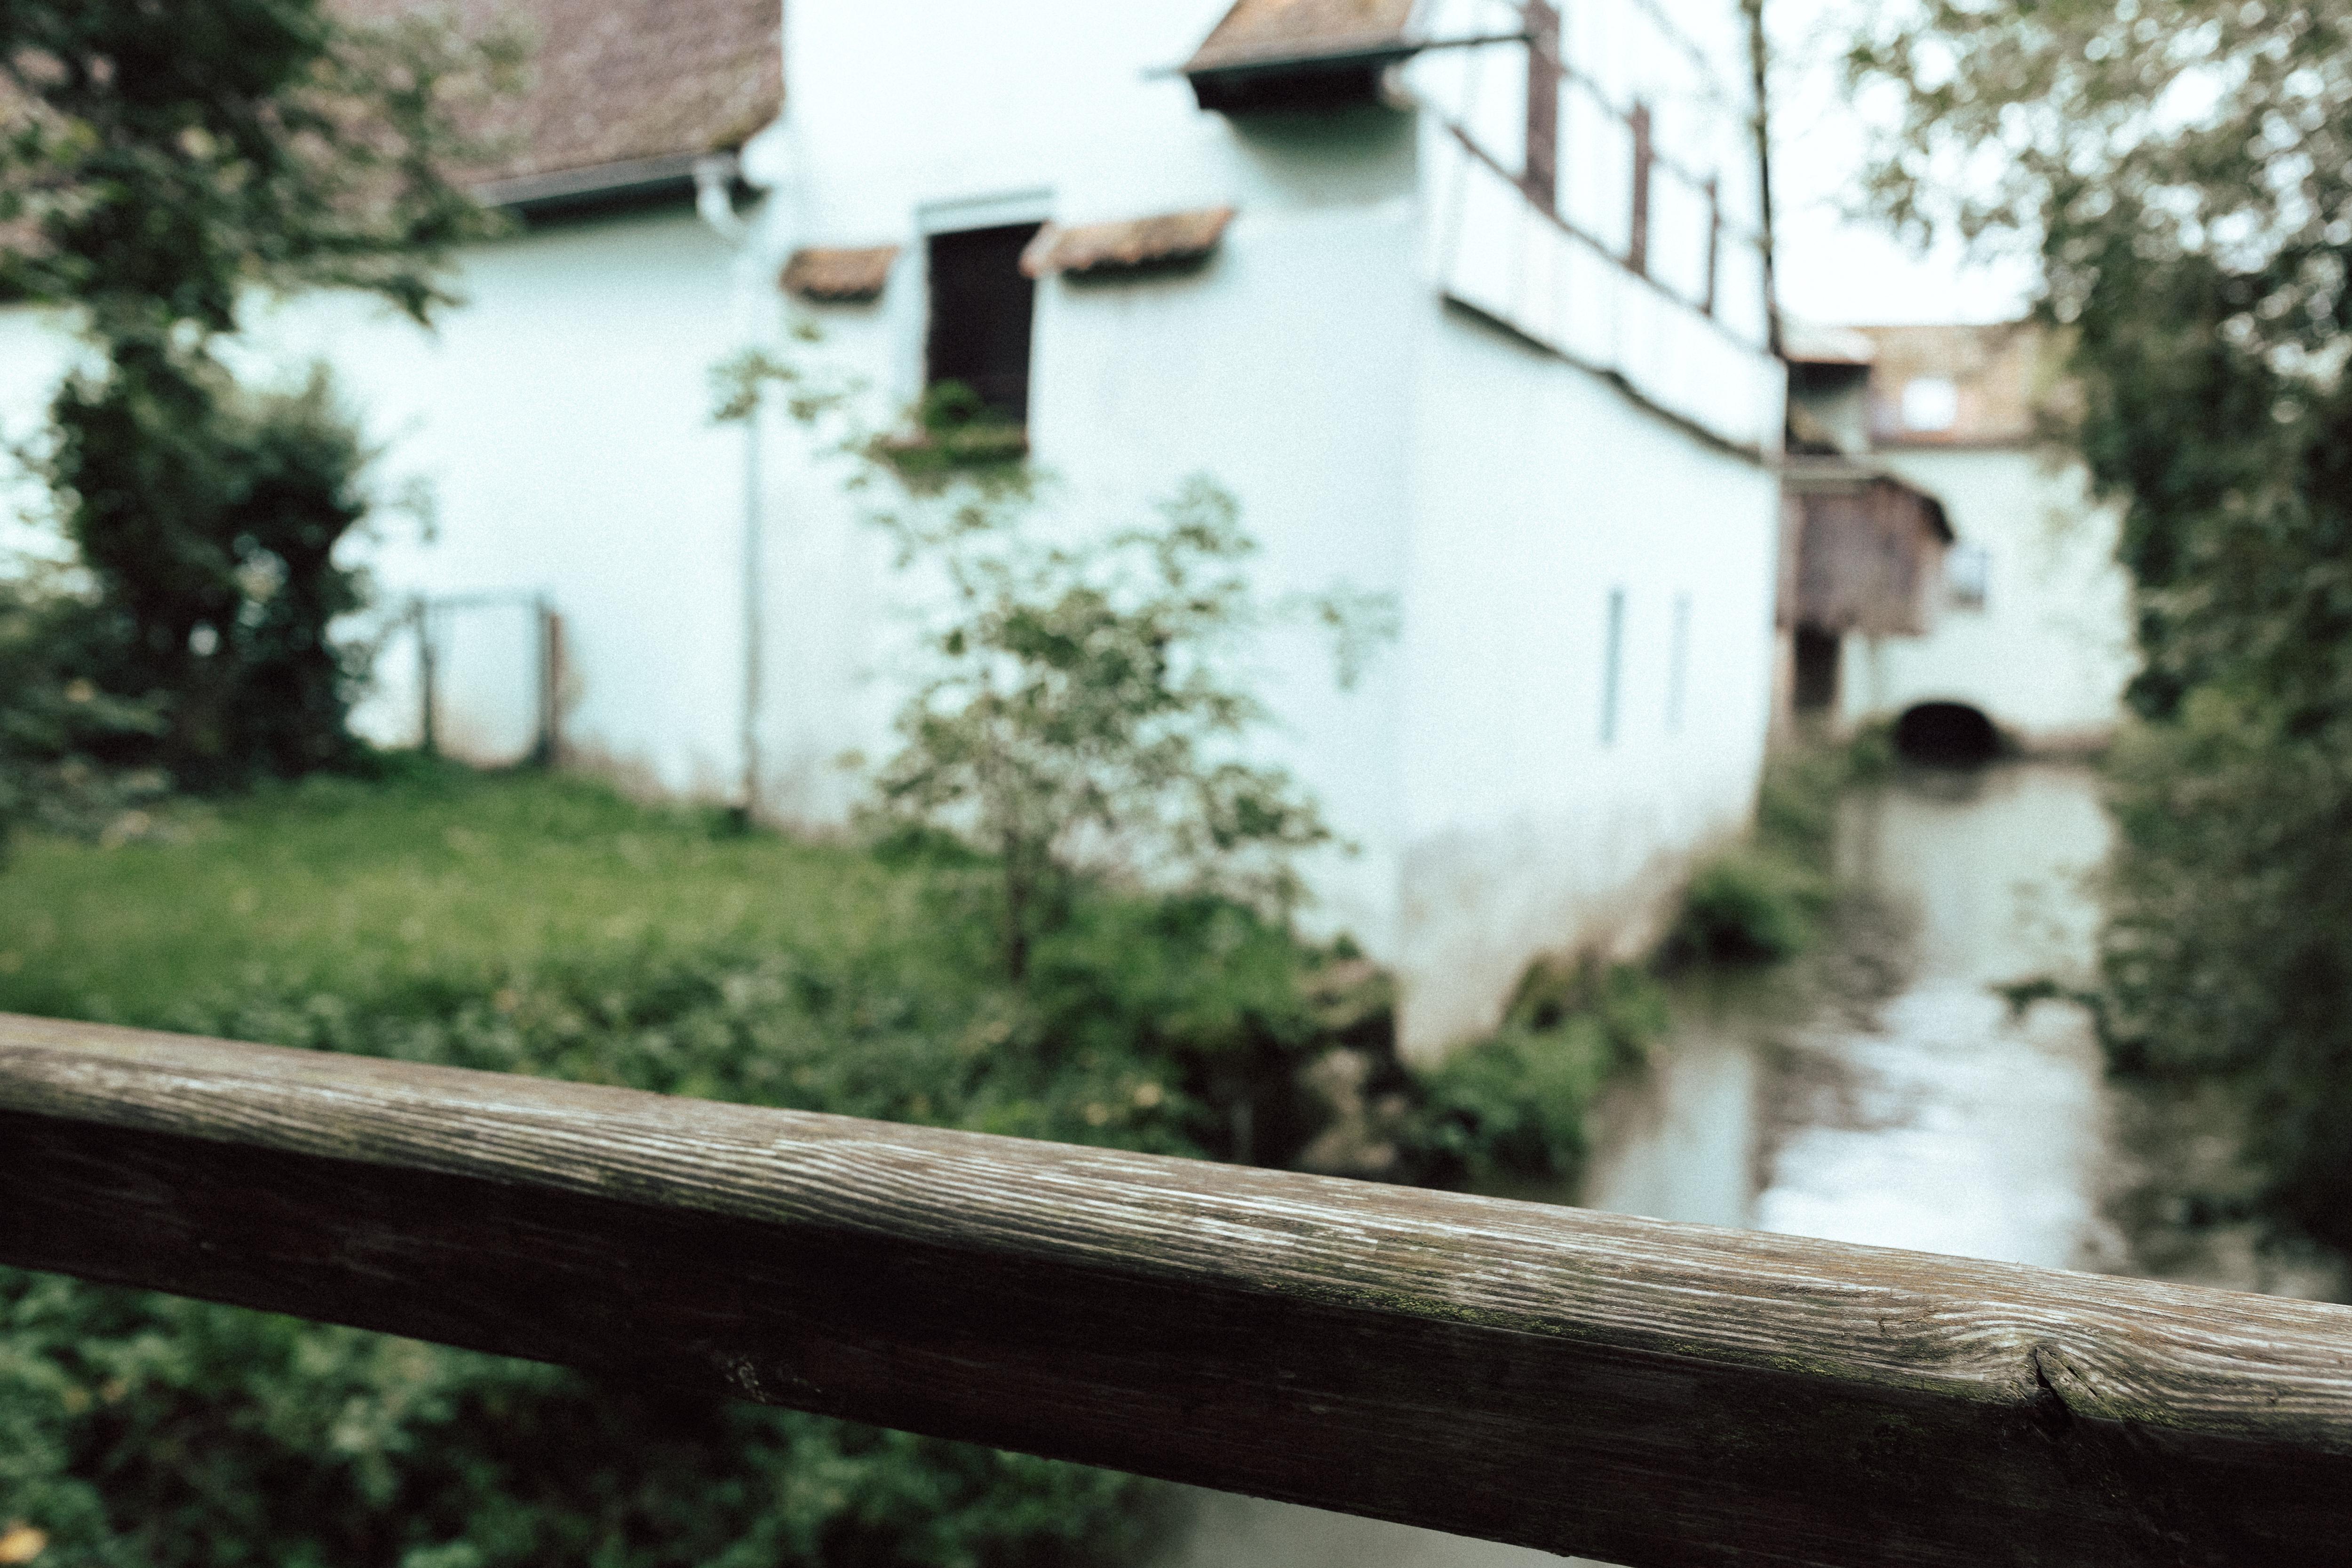 URBANERIE_Daniela_Goth_Fotografin_Nürnberg_Fürth_Erlangen_Schwabach_170902_004_0042